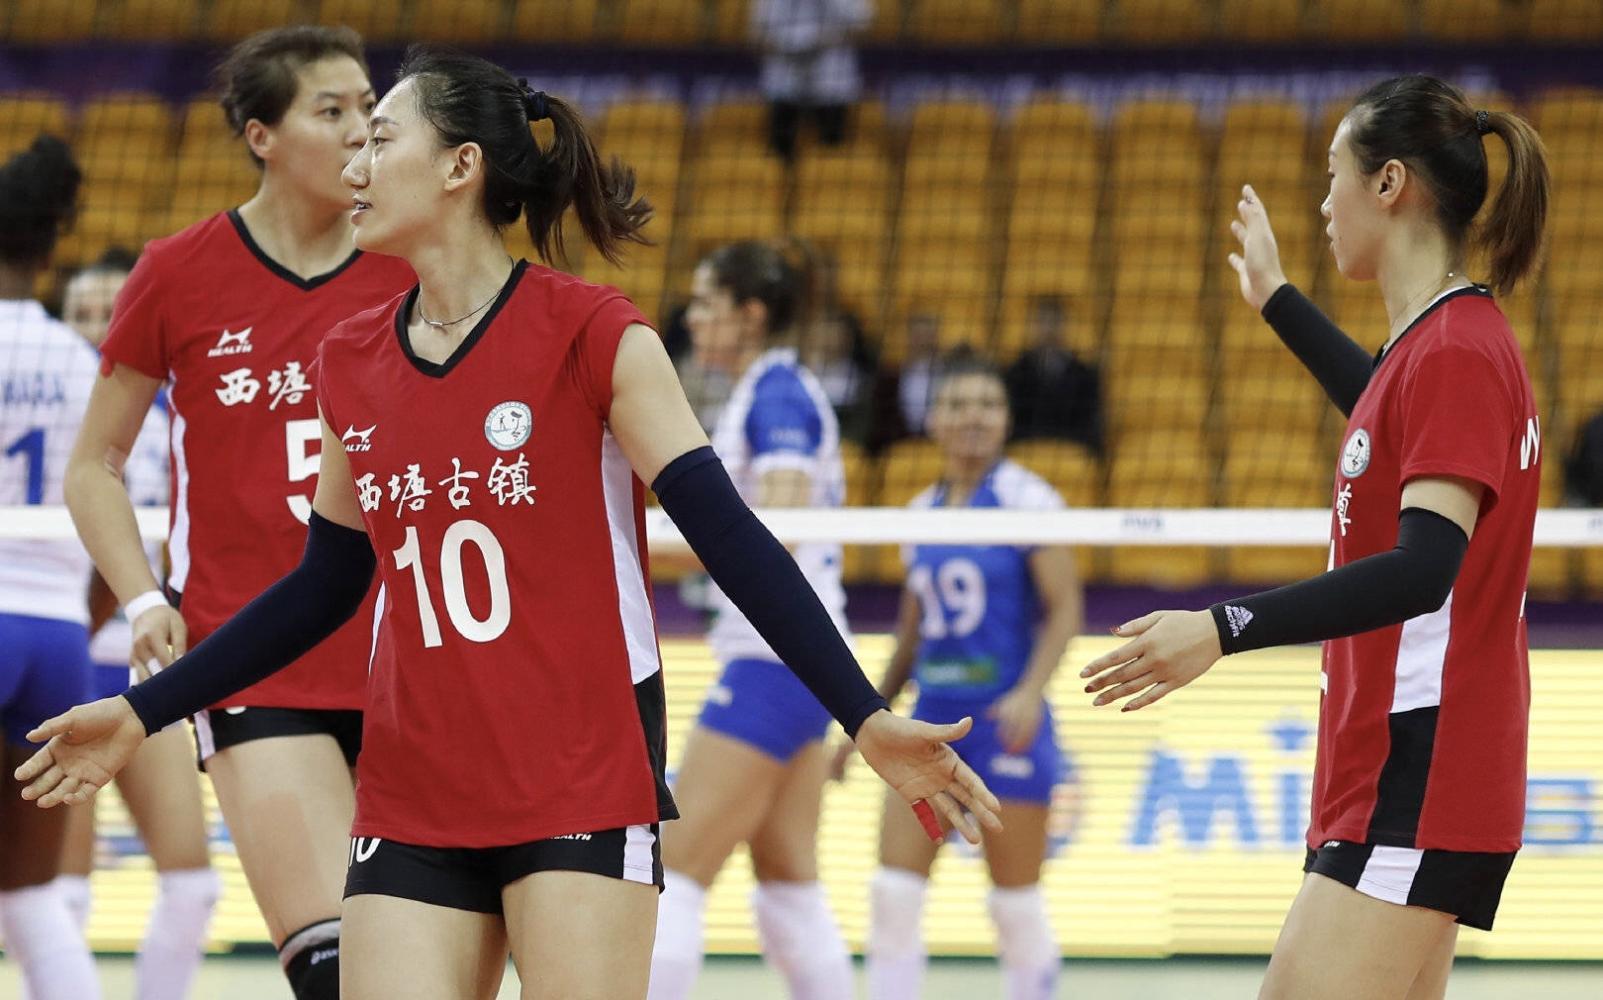 差距太明显! 中国排球代表队引进4强援出局 央视: 能赢1局就不错